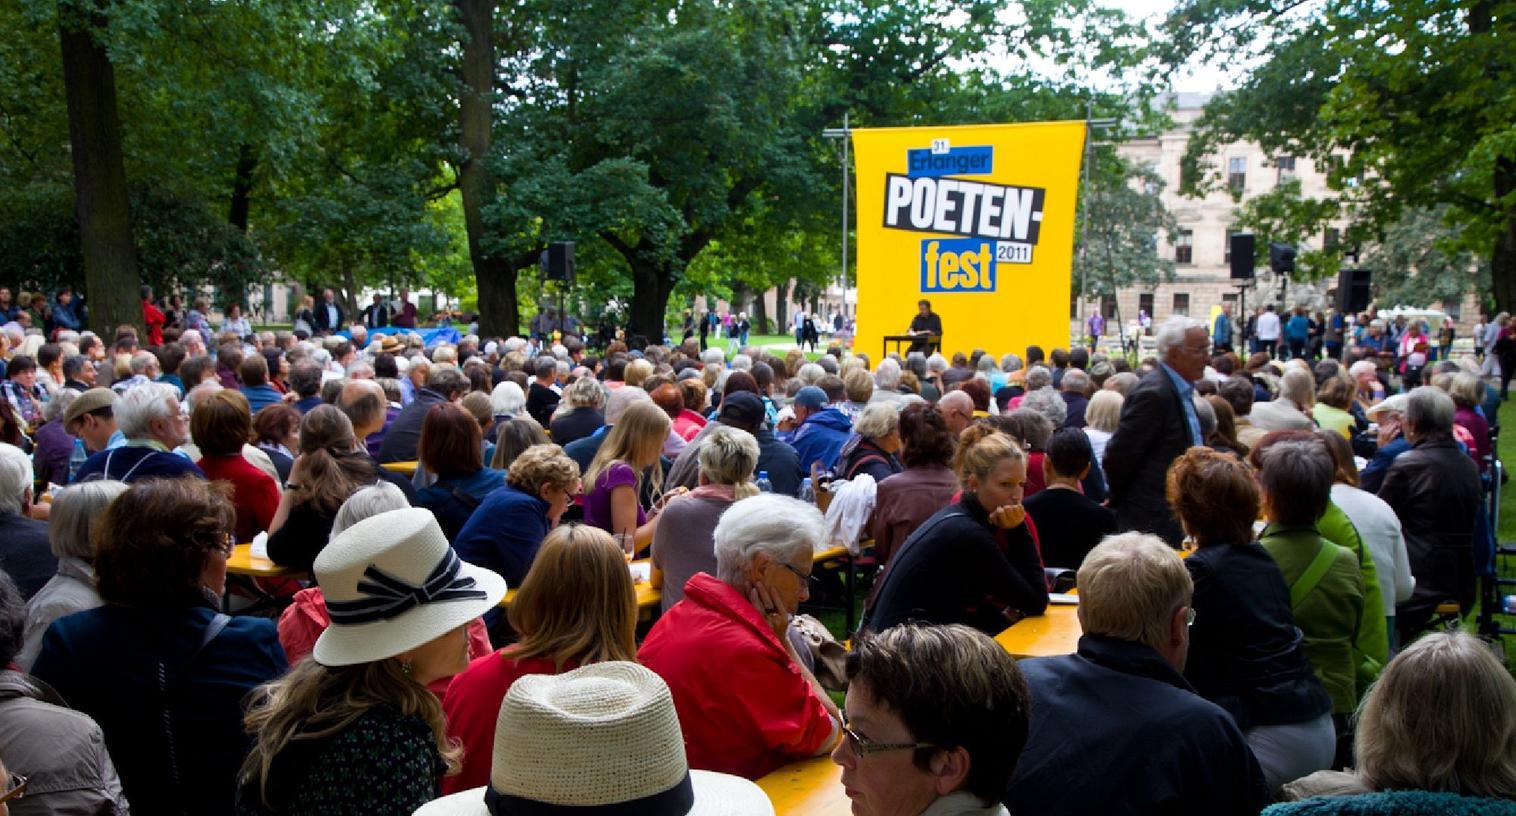 Der Sponsor bleibt: Auch dieses Jahr unterstützt Areva das Erlanger Poetenfest.